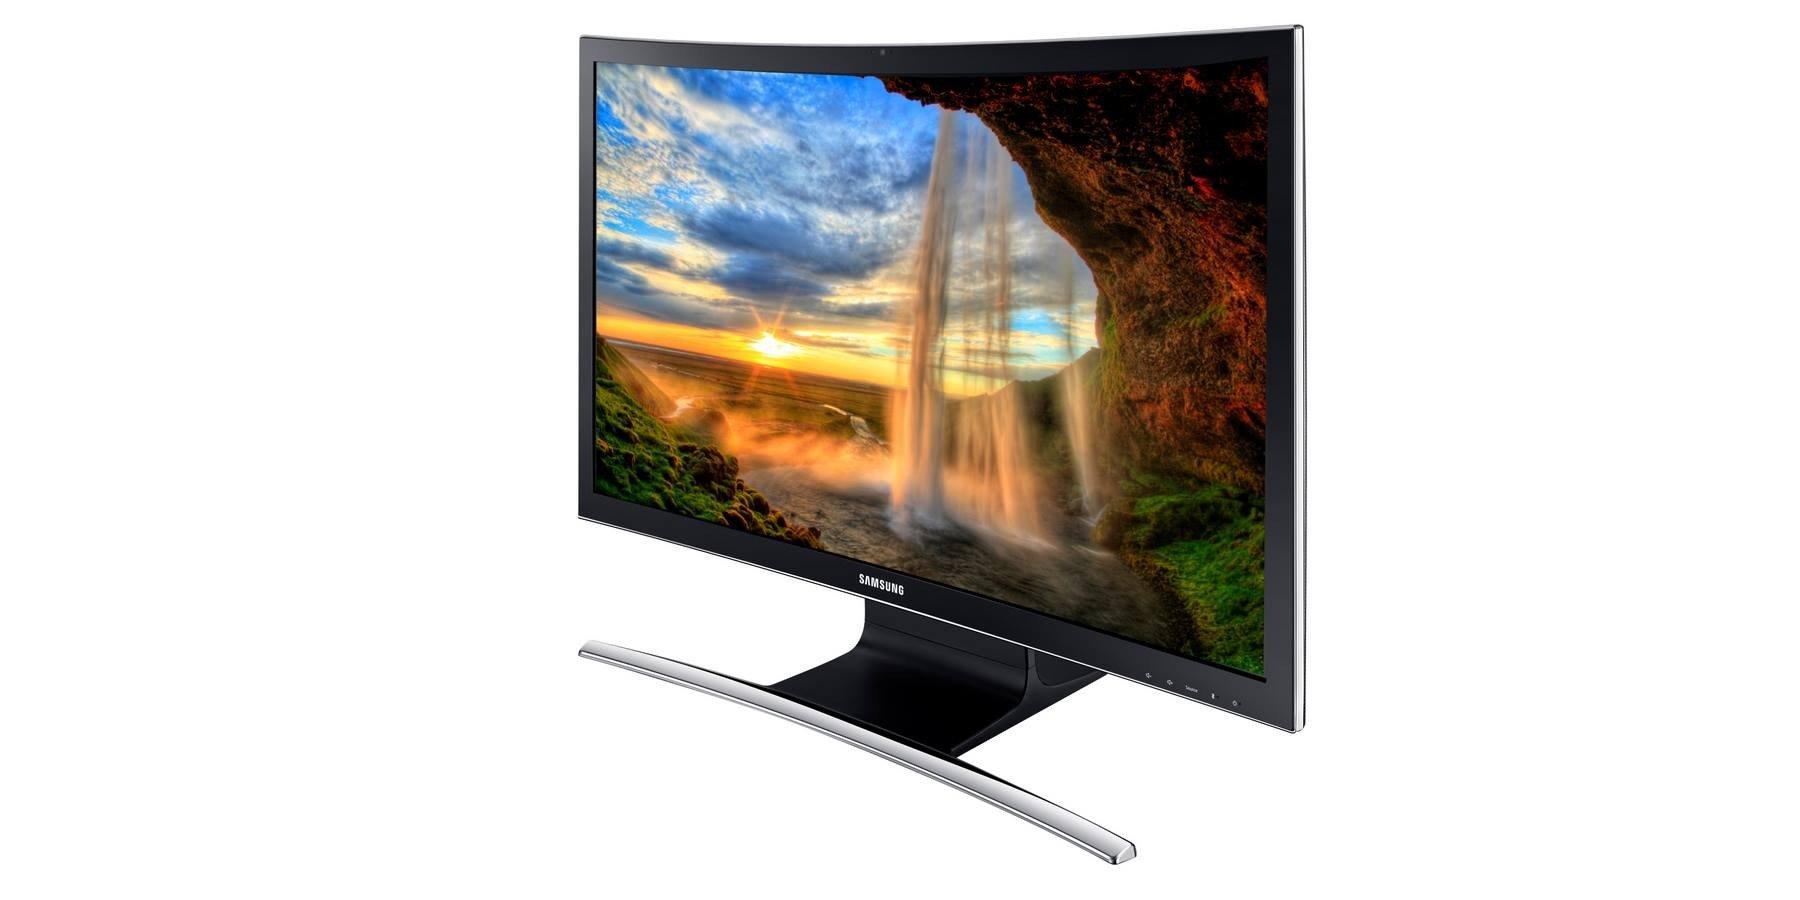 Samsung ATIV One 7 – All-in-One-PC mit gebogenem Bildschirm